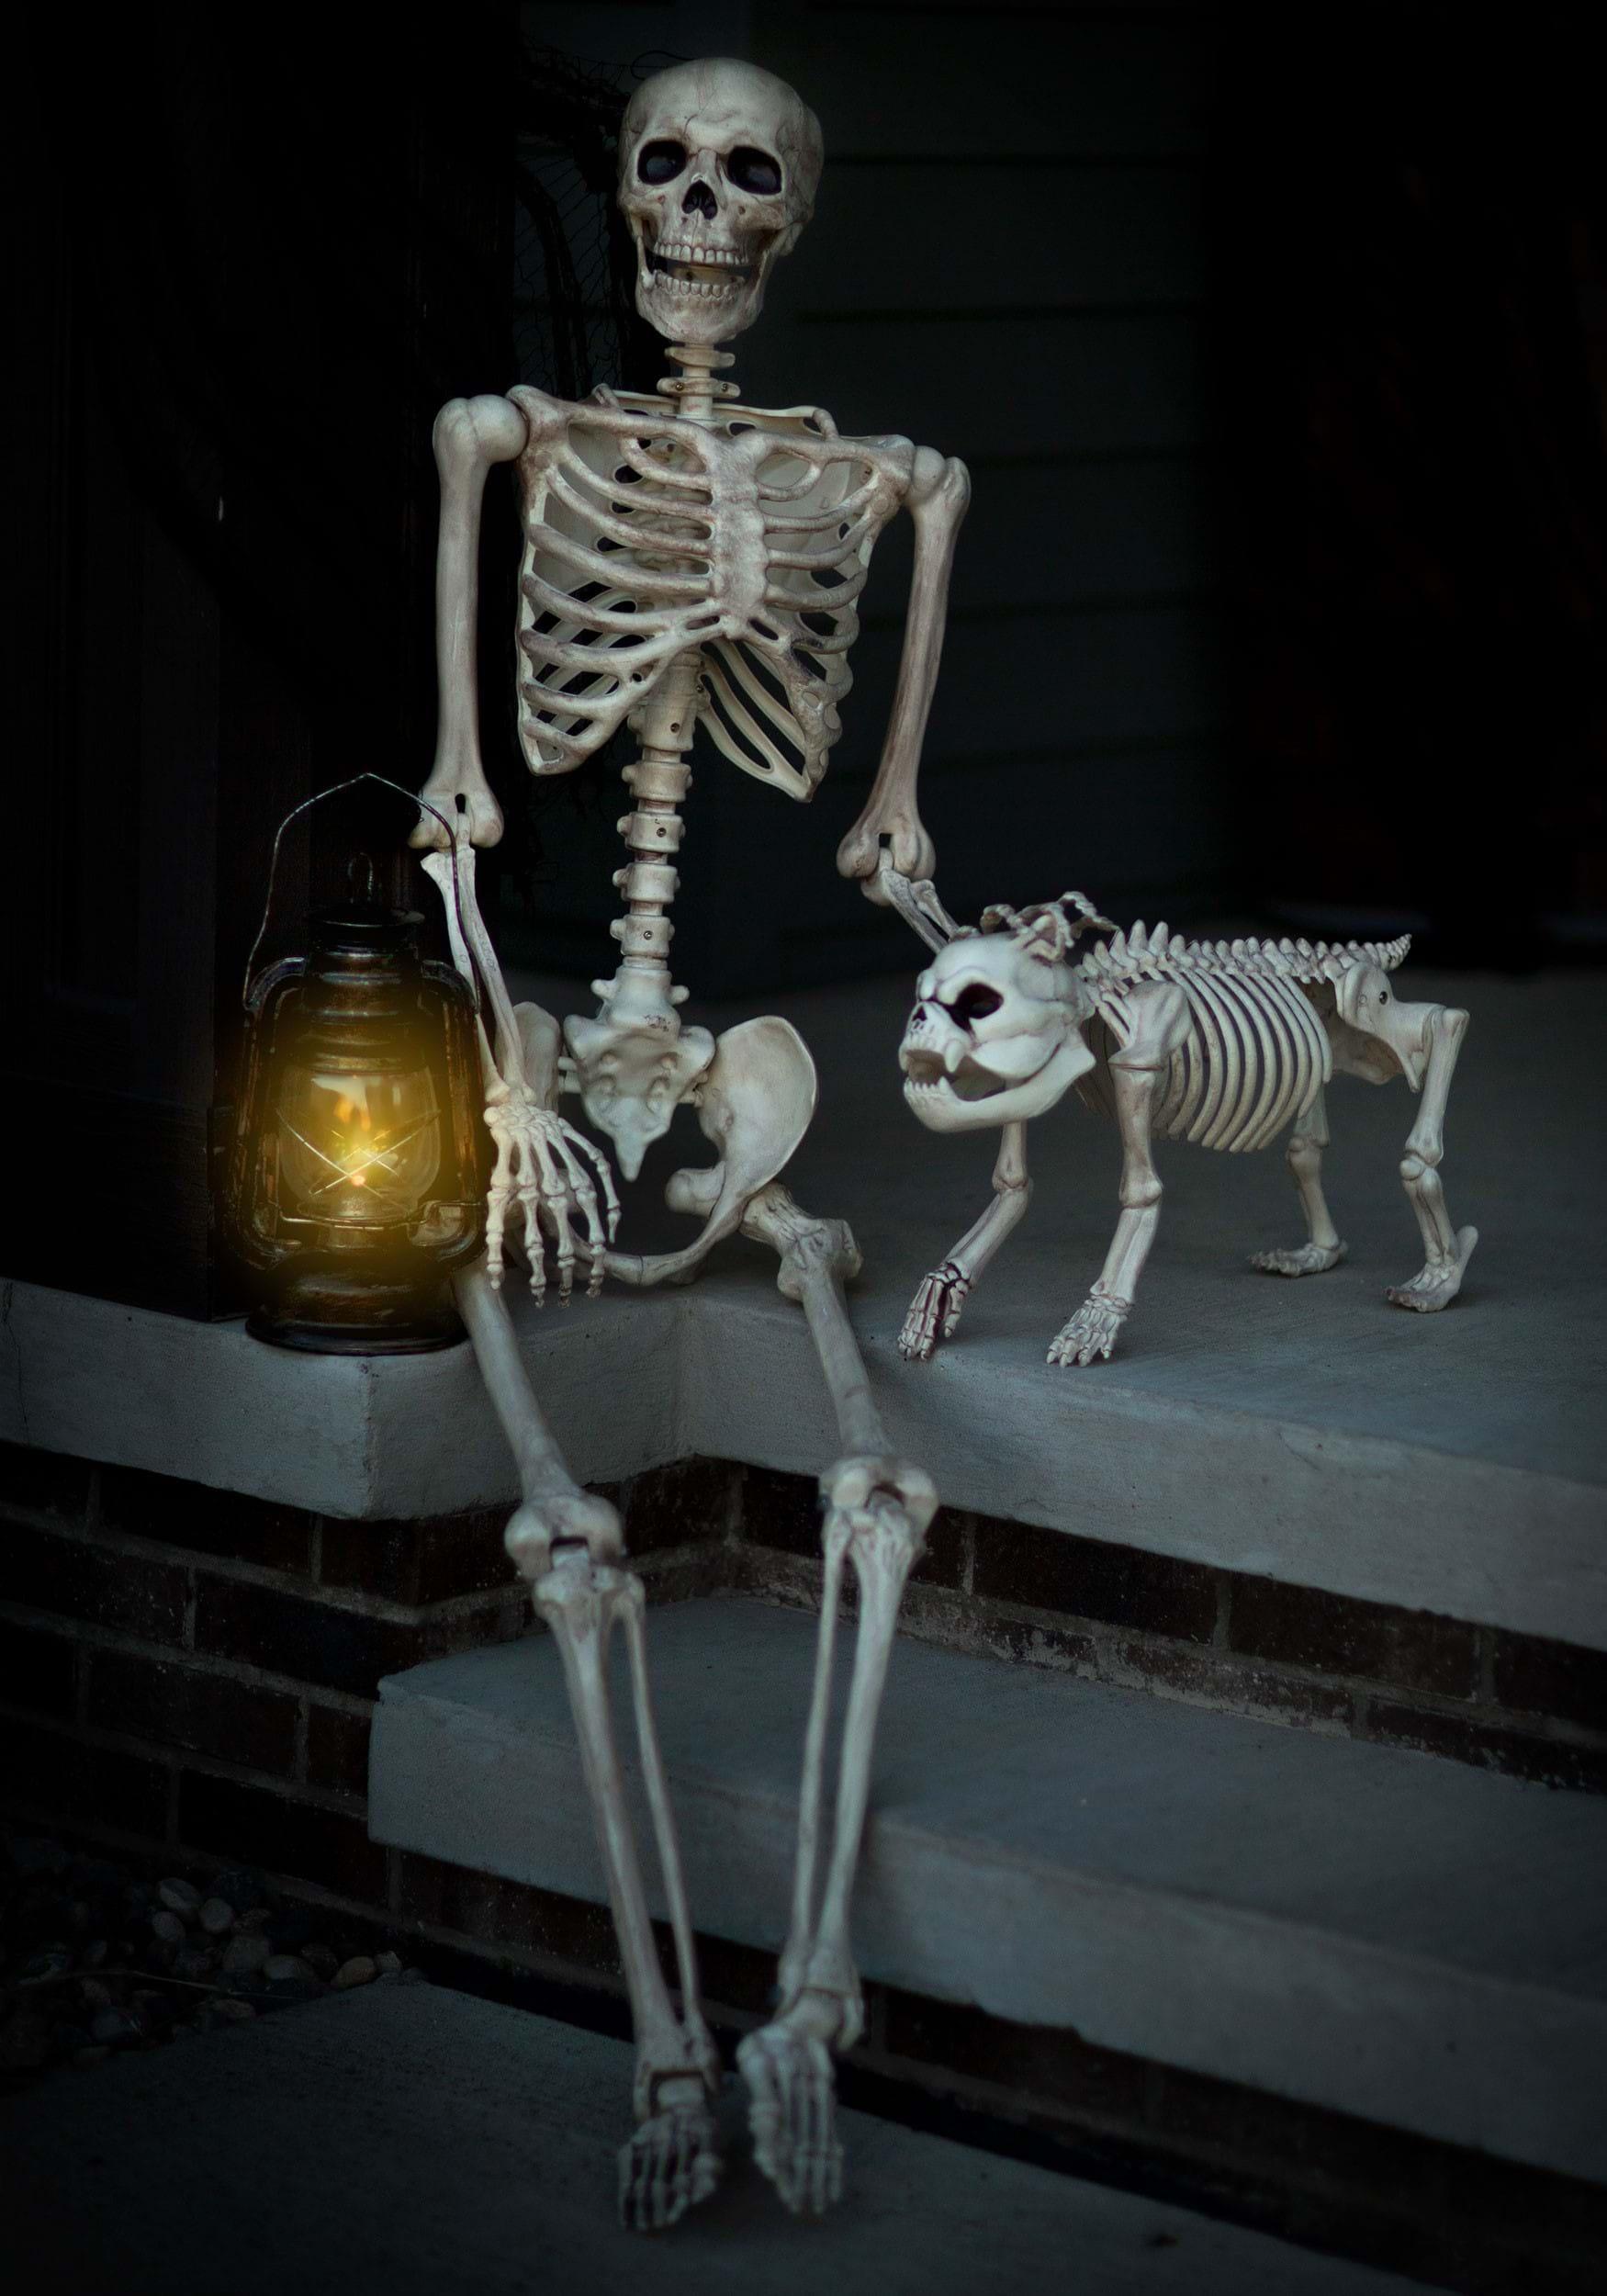 Lifesize Posable Skele...